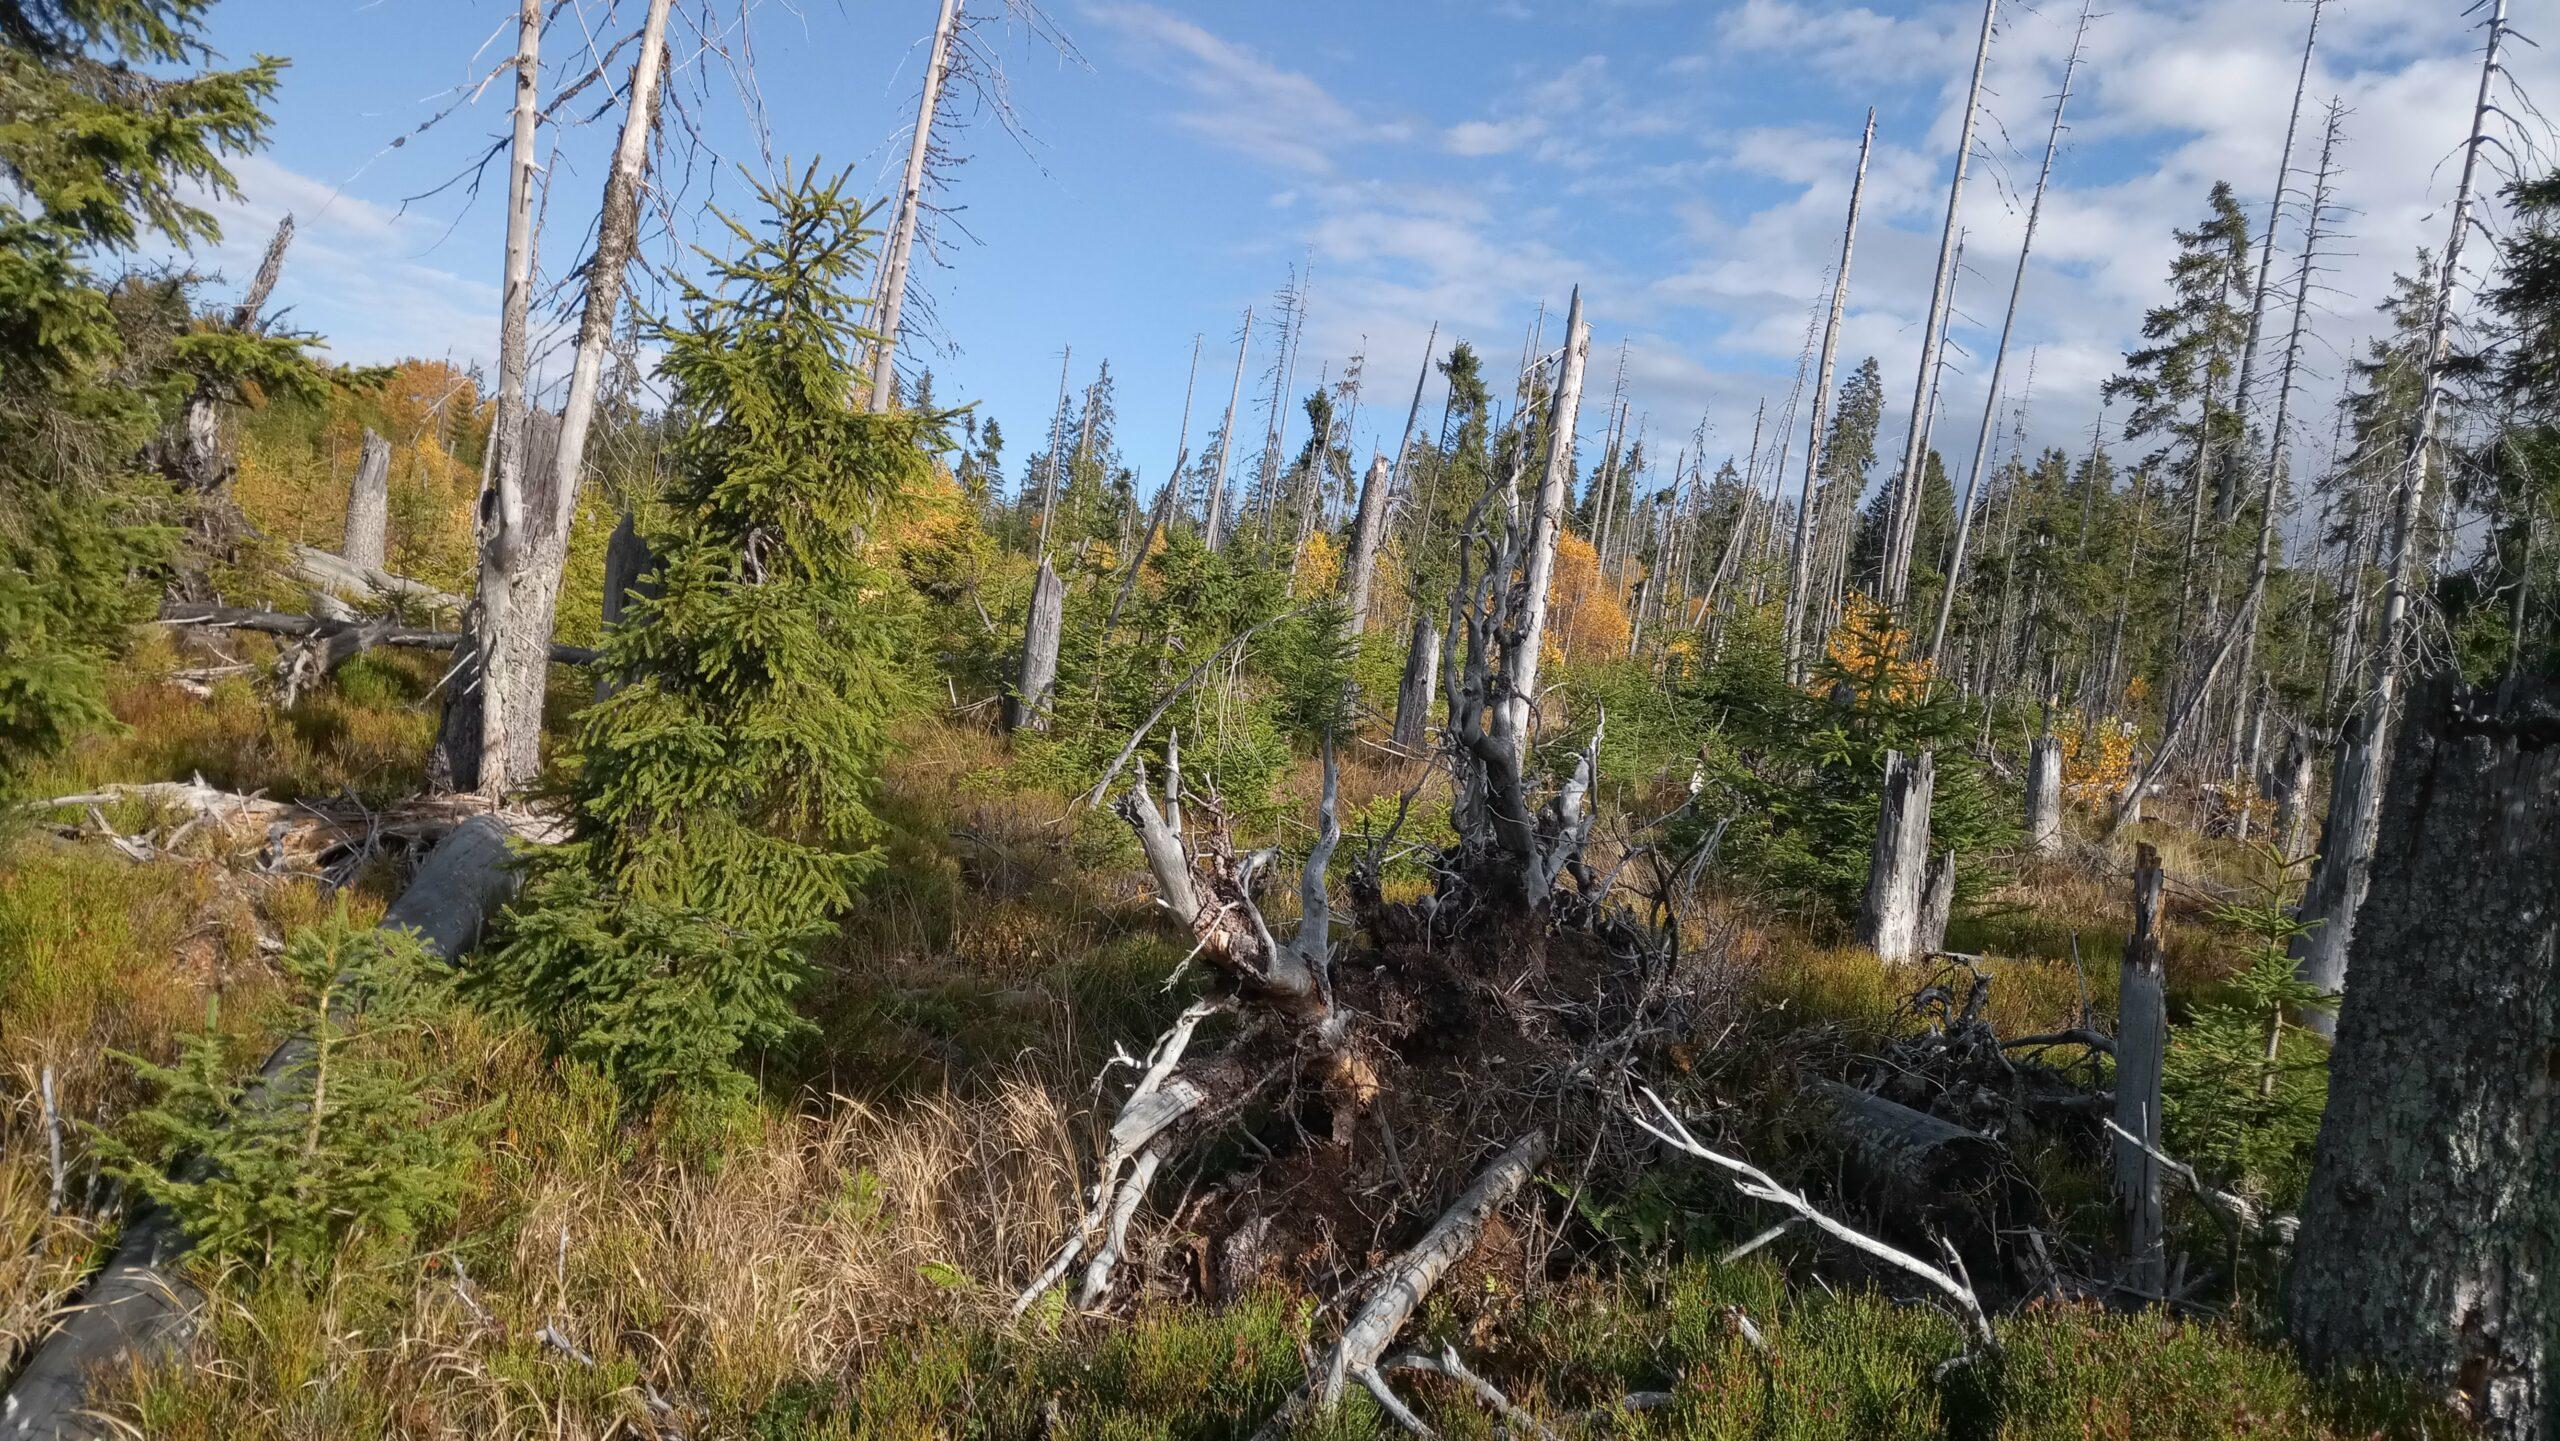 Naturzone im Nationalpark Bayerischer Wald erreicht 72,3 %